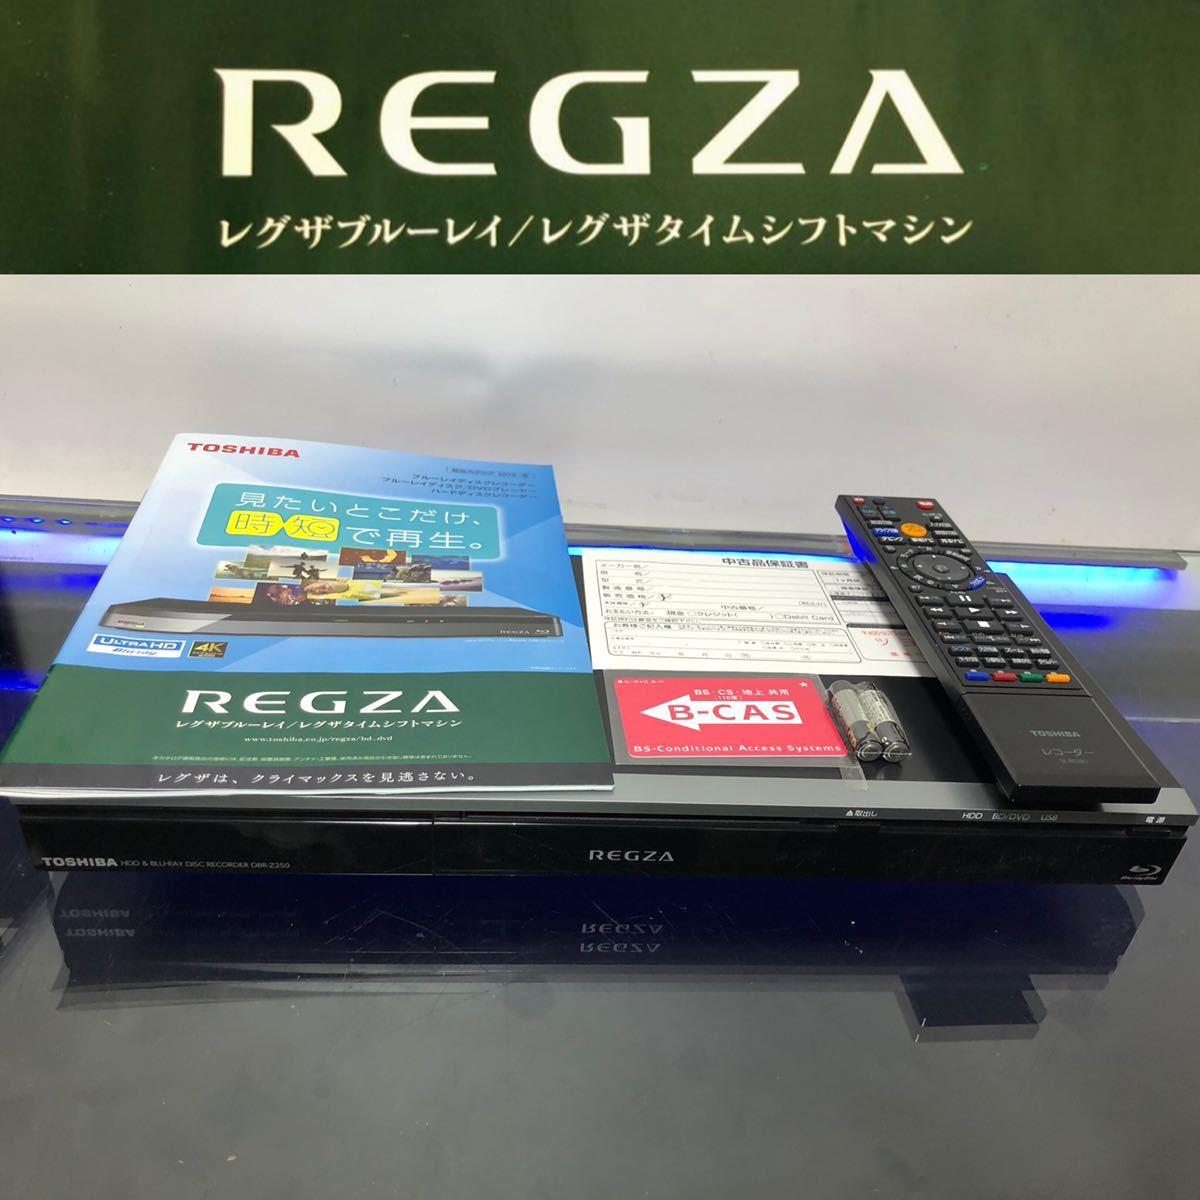 東芝REGZA ブルーレイレコーダーDBR-Z250 Wチューナー DVDも美しい超解像度XDE フルリモコン中古動作品_画像1